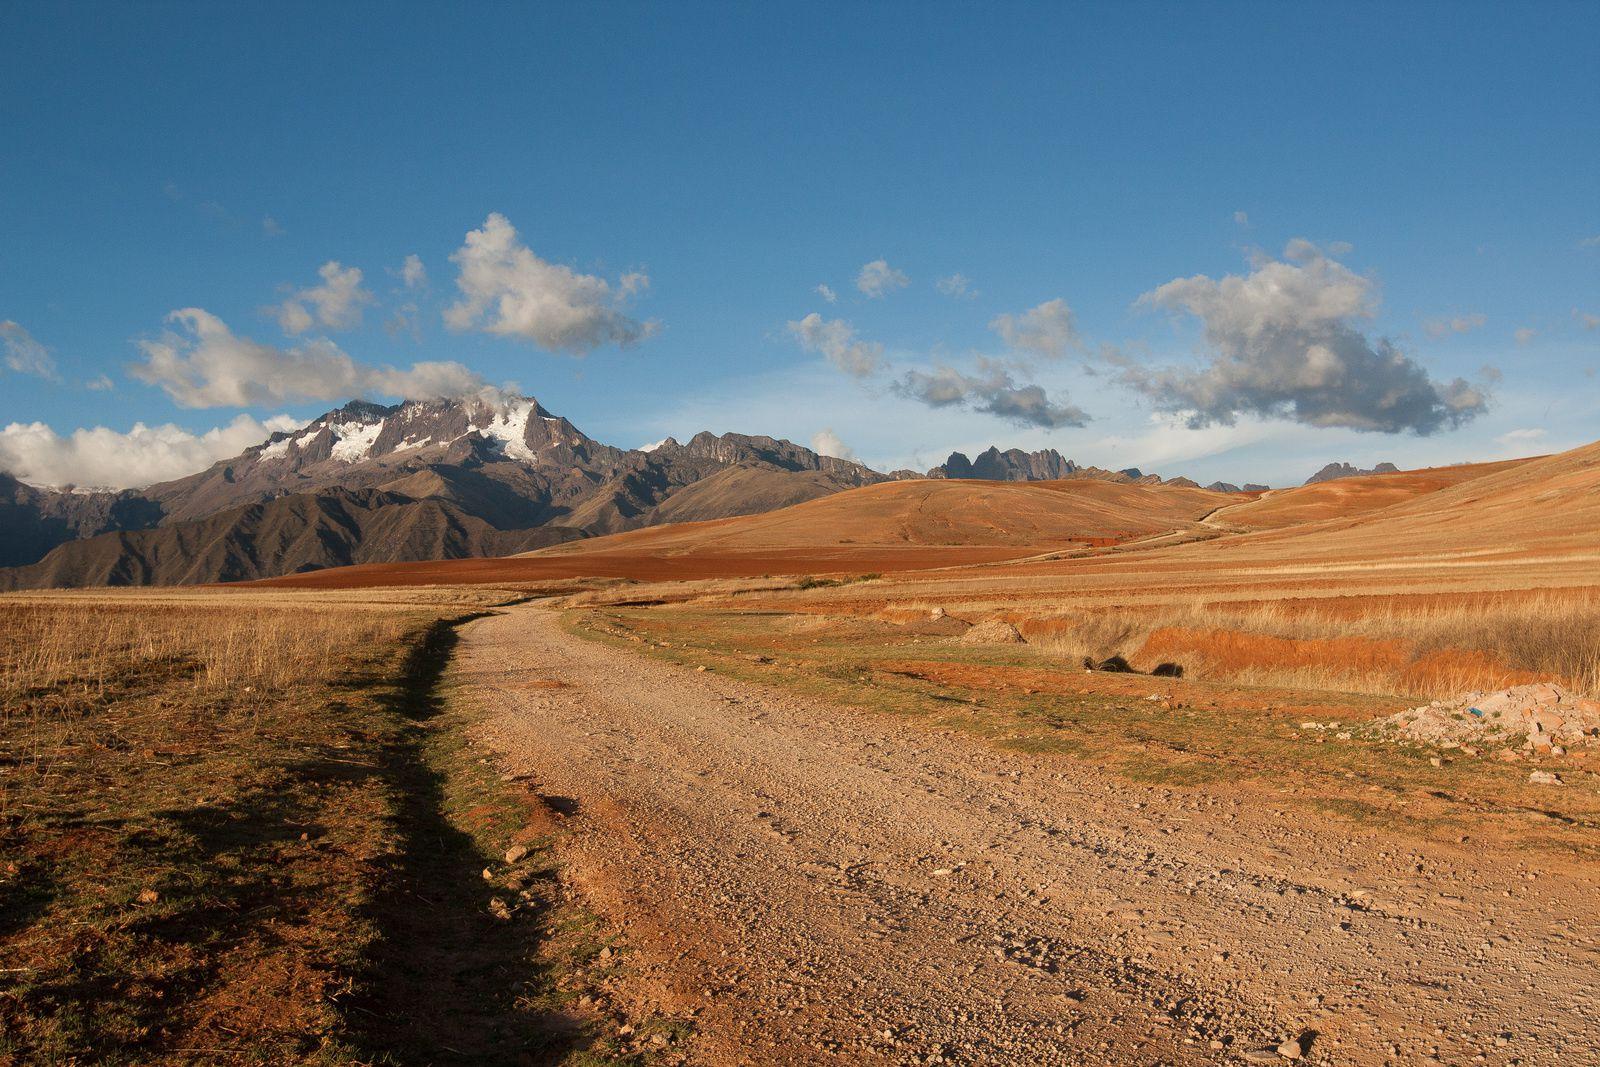 Fin de journée dans la vallée sacrée, près de Cusco